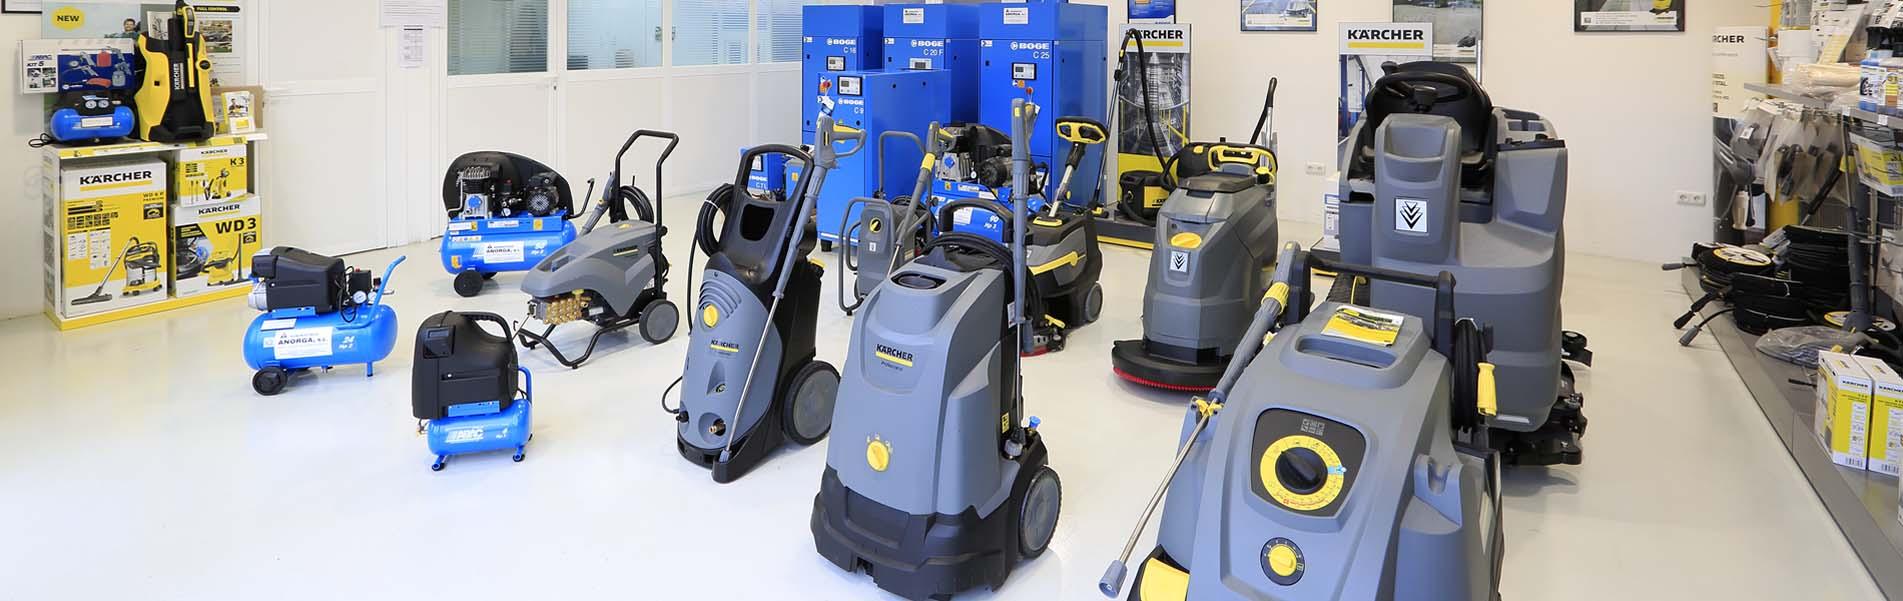 Alquiler de maquinaria y equipos de limpieza industrial en Guipúzcoa